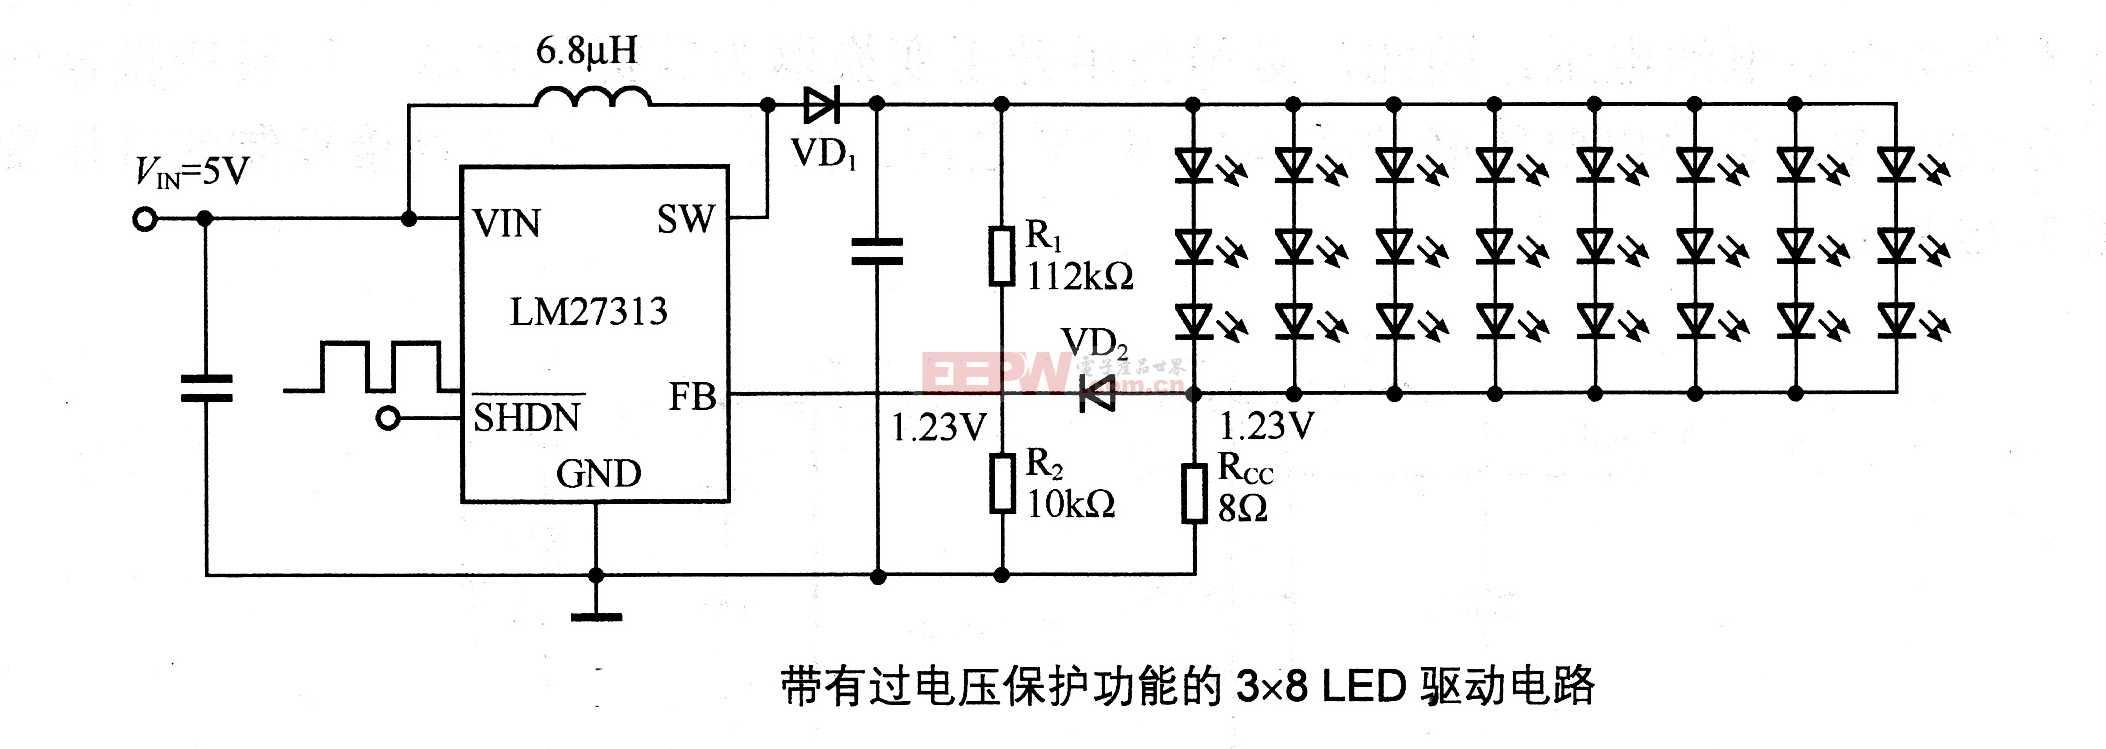 带有过电压保护功能的3×8LED驱动电路